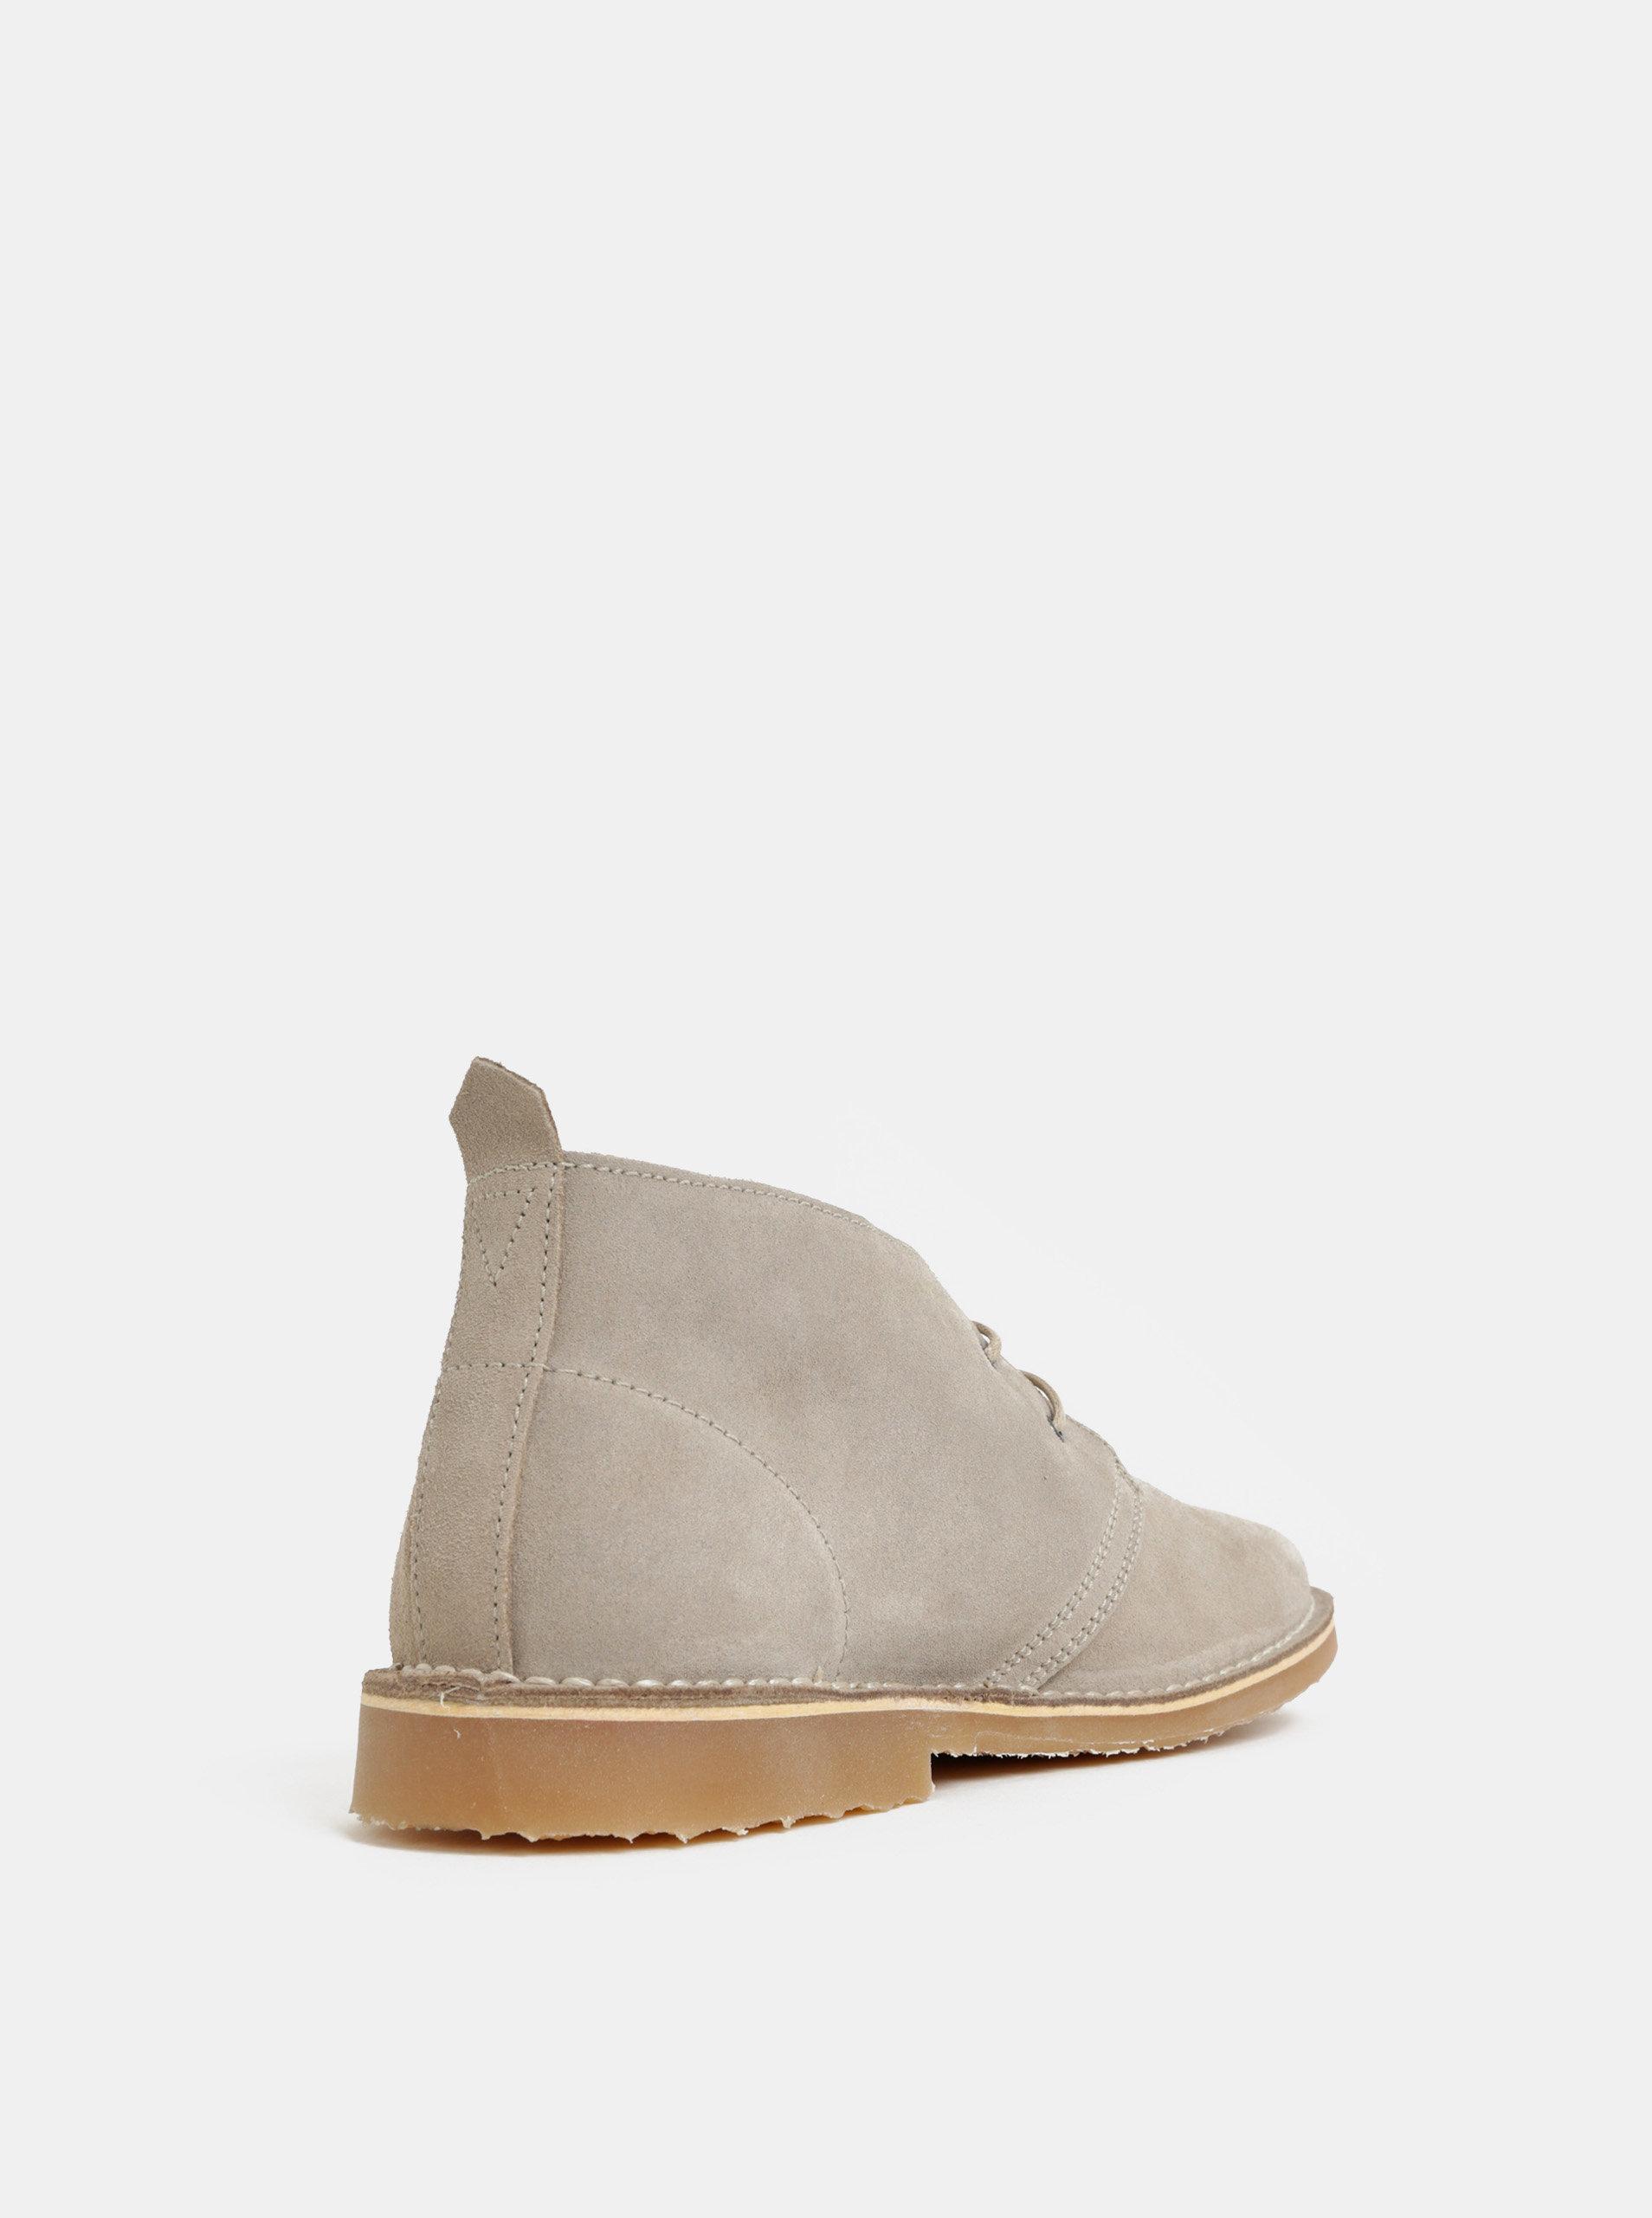 694219d0d2c6 Béžové pánské semišové kotníkové boty Jack   Jones Gobi ...